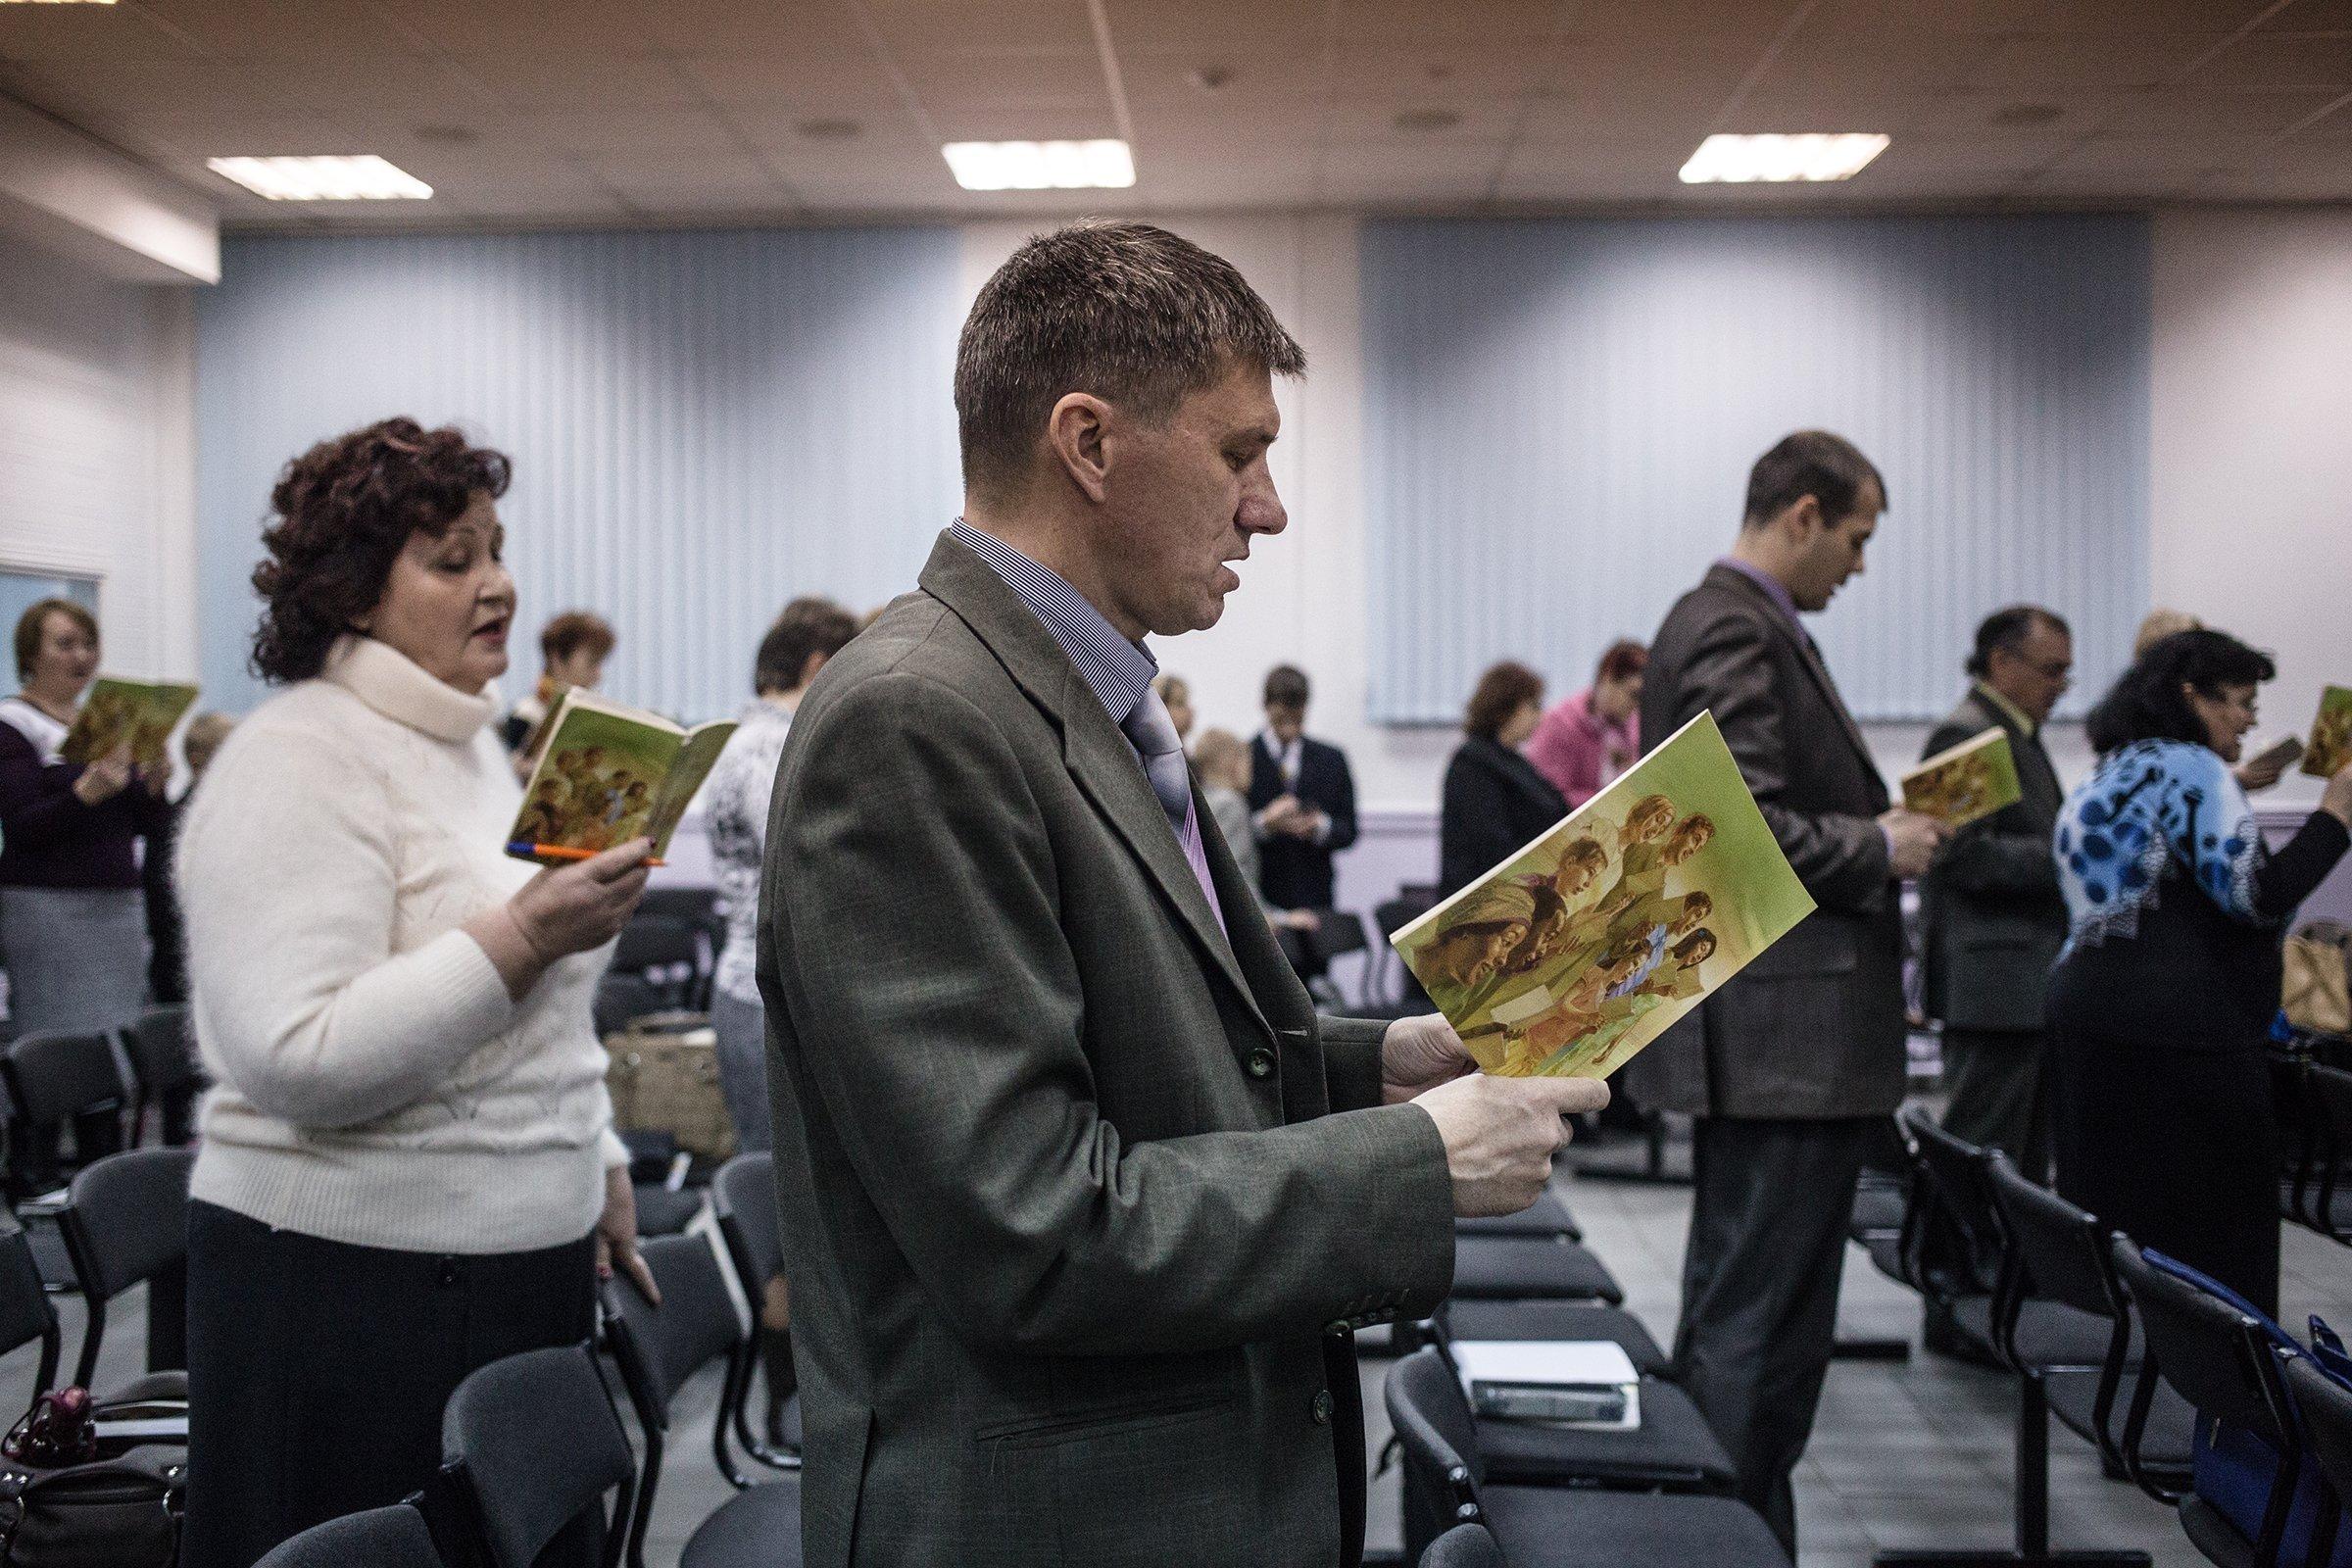 Rússia pode proibir estrangeiros de participarem de atividades religiosas